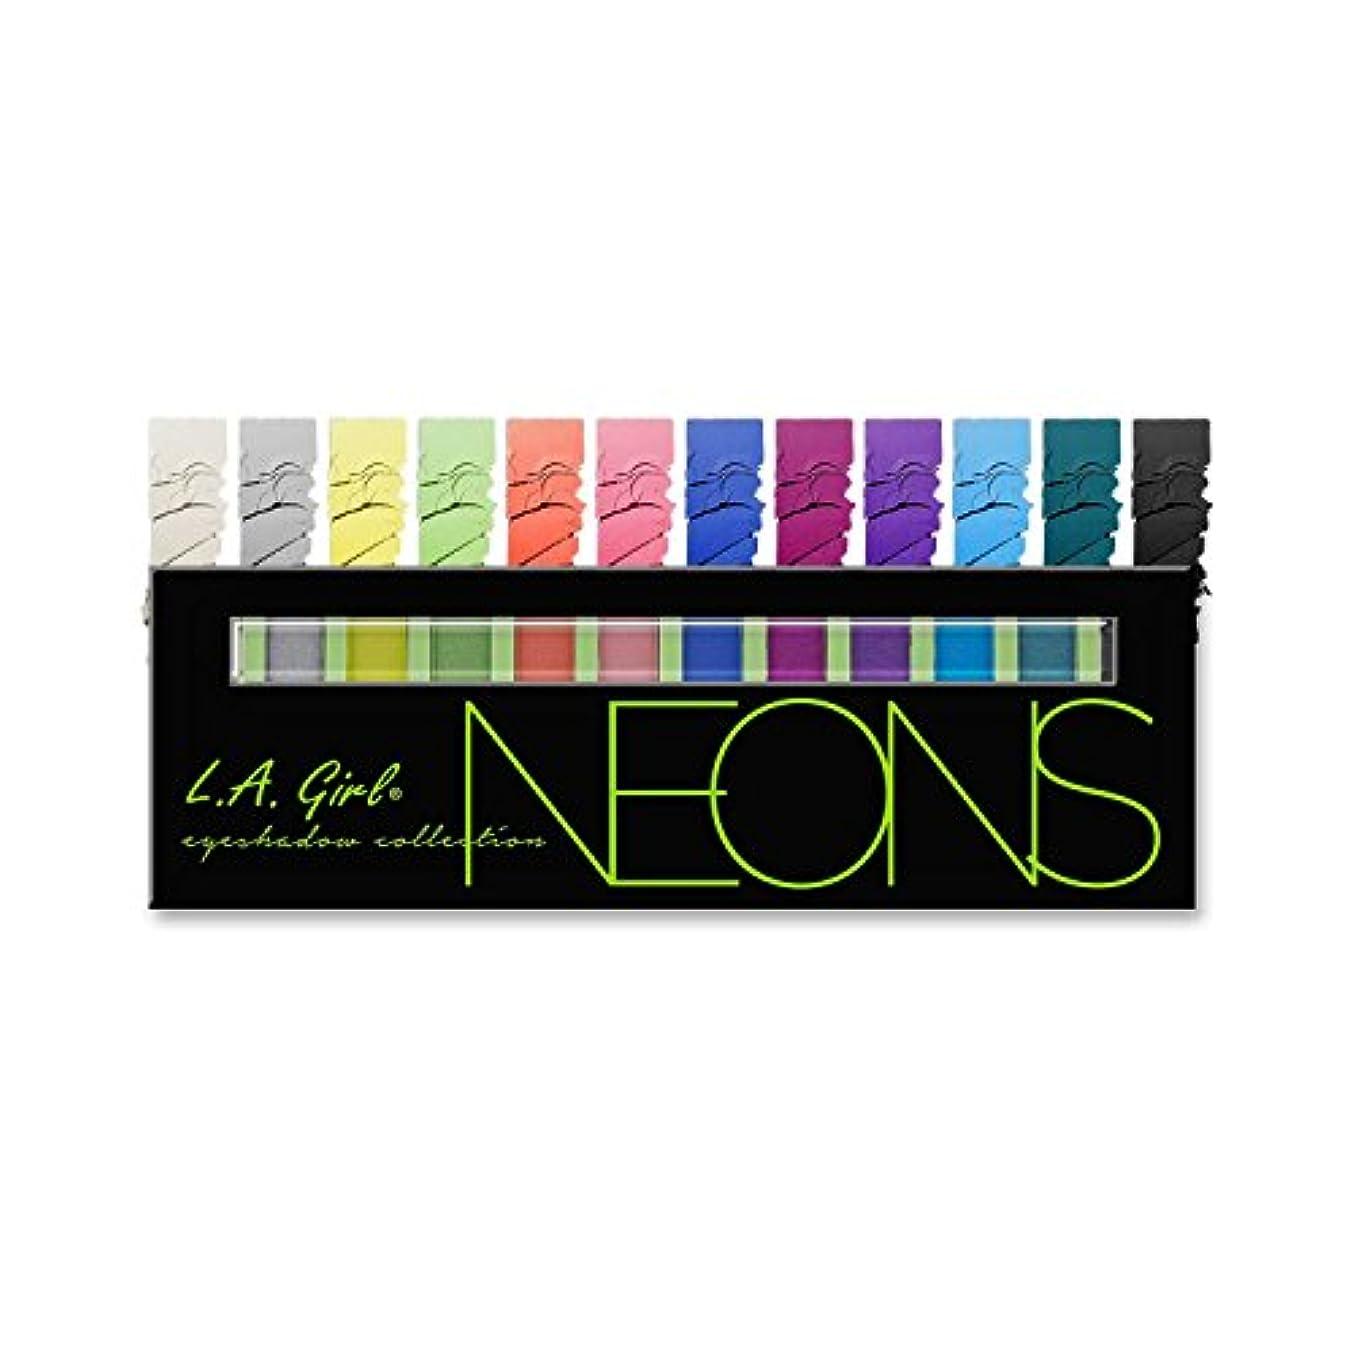 合唱団汚す驚くばかりLA GIRL Beauty Brick Eyeshadow Collection - Neons (並行輸入品)